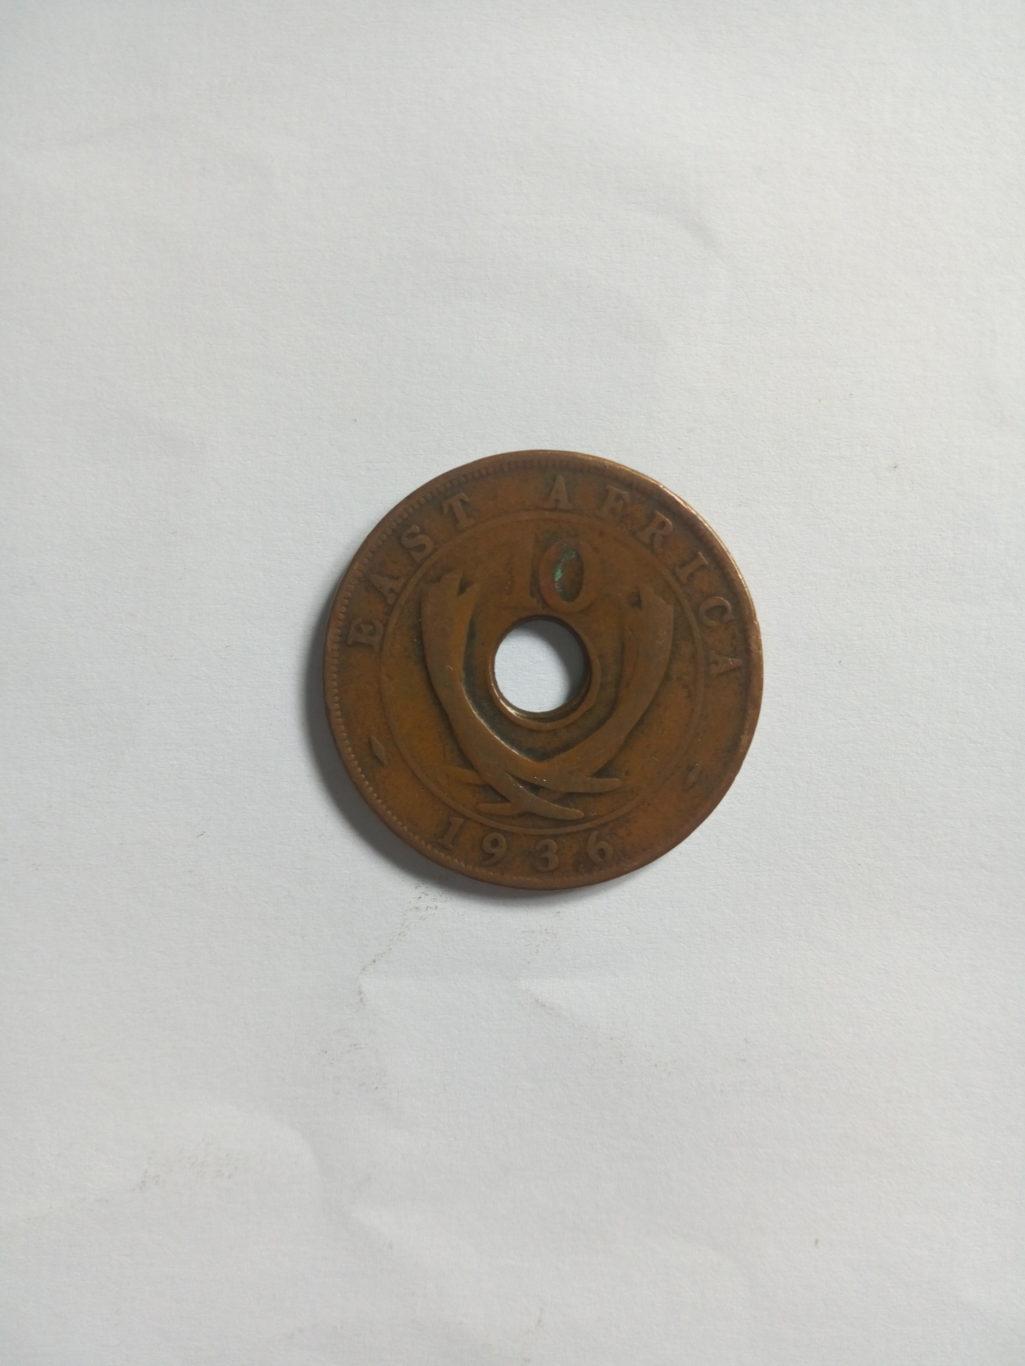 1936_edwardvs V111 10 cents